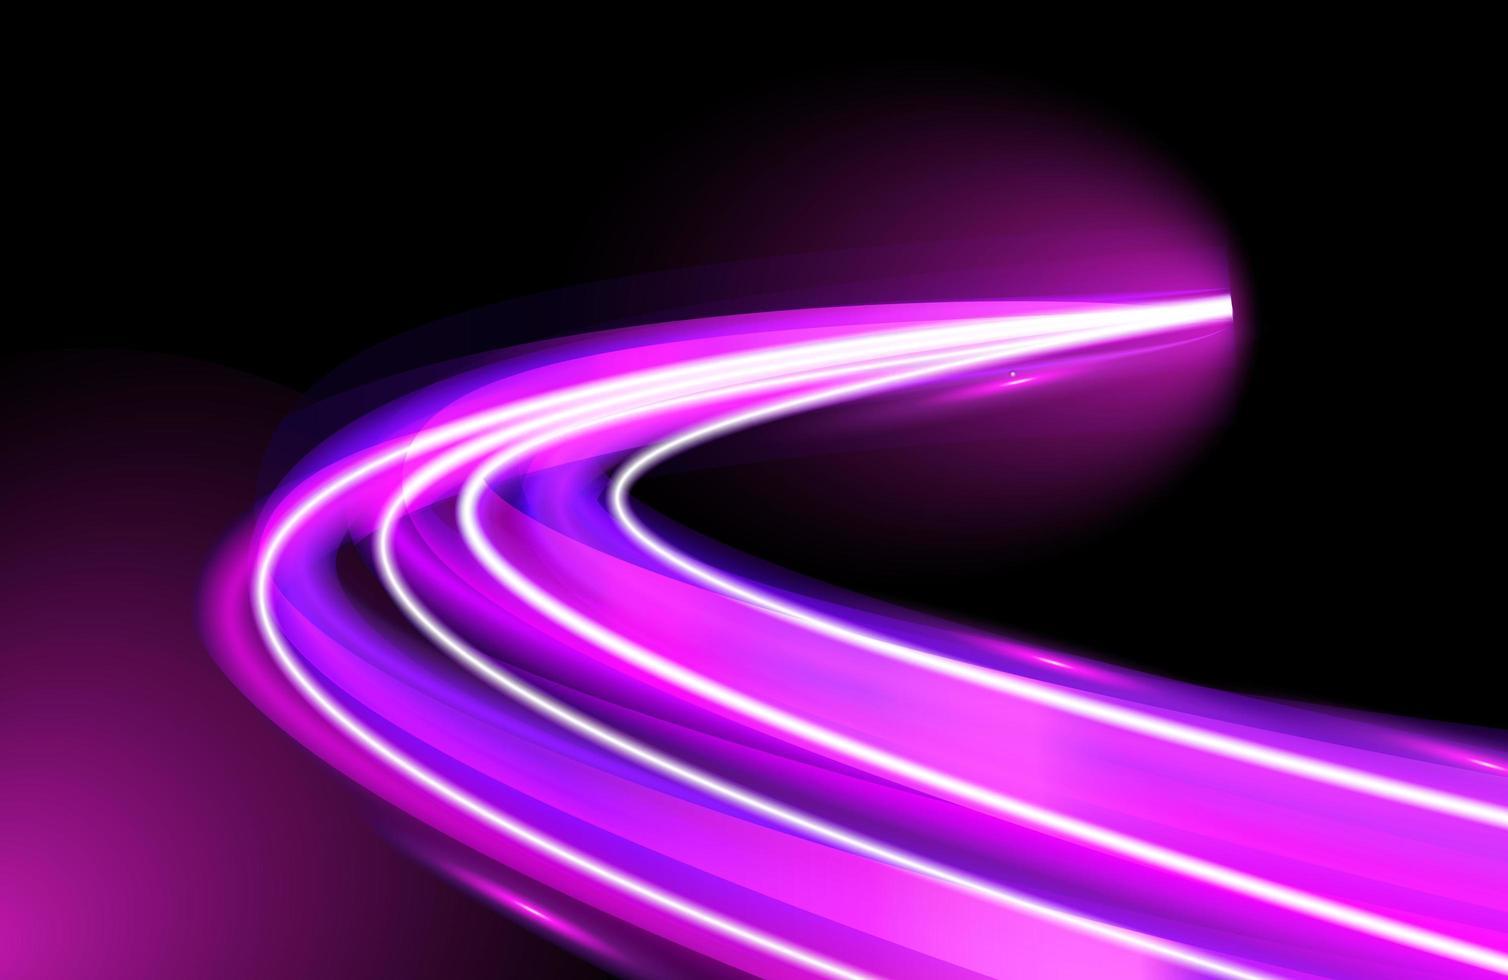 luz de neón púrpura senderos velocidad bdesign vector